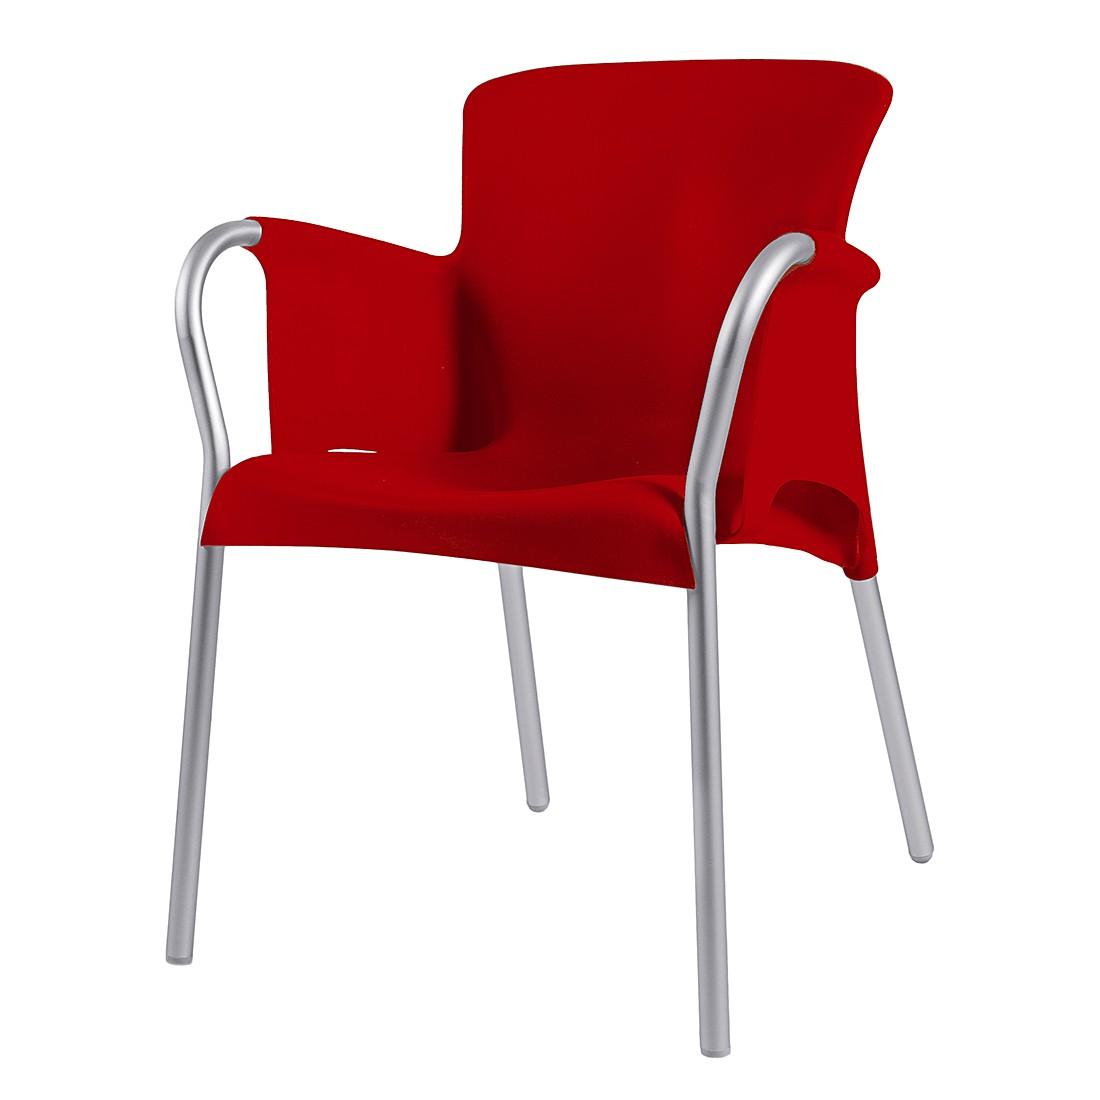 Armlehnenstuhl Oh (2er Set) – Kunststoff/Aluminium – Rot, Blanke Design günstig